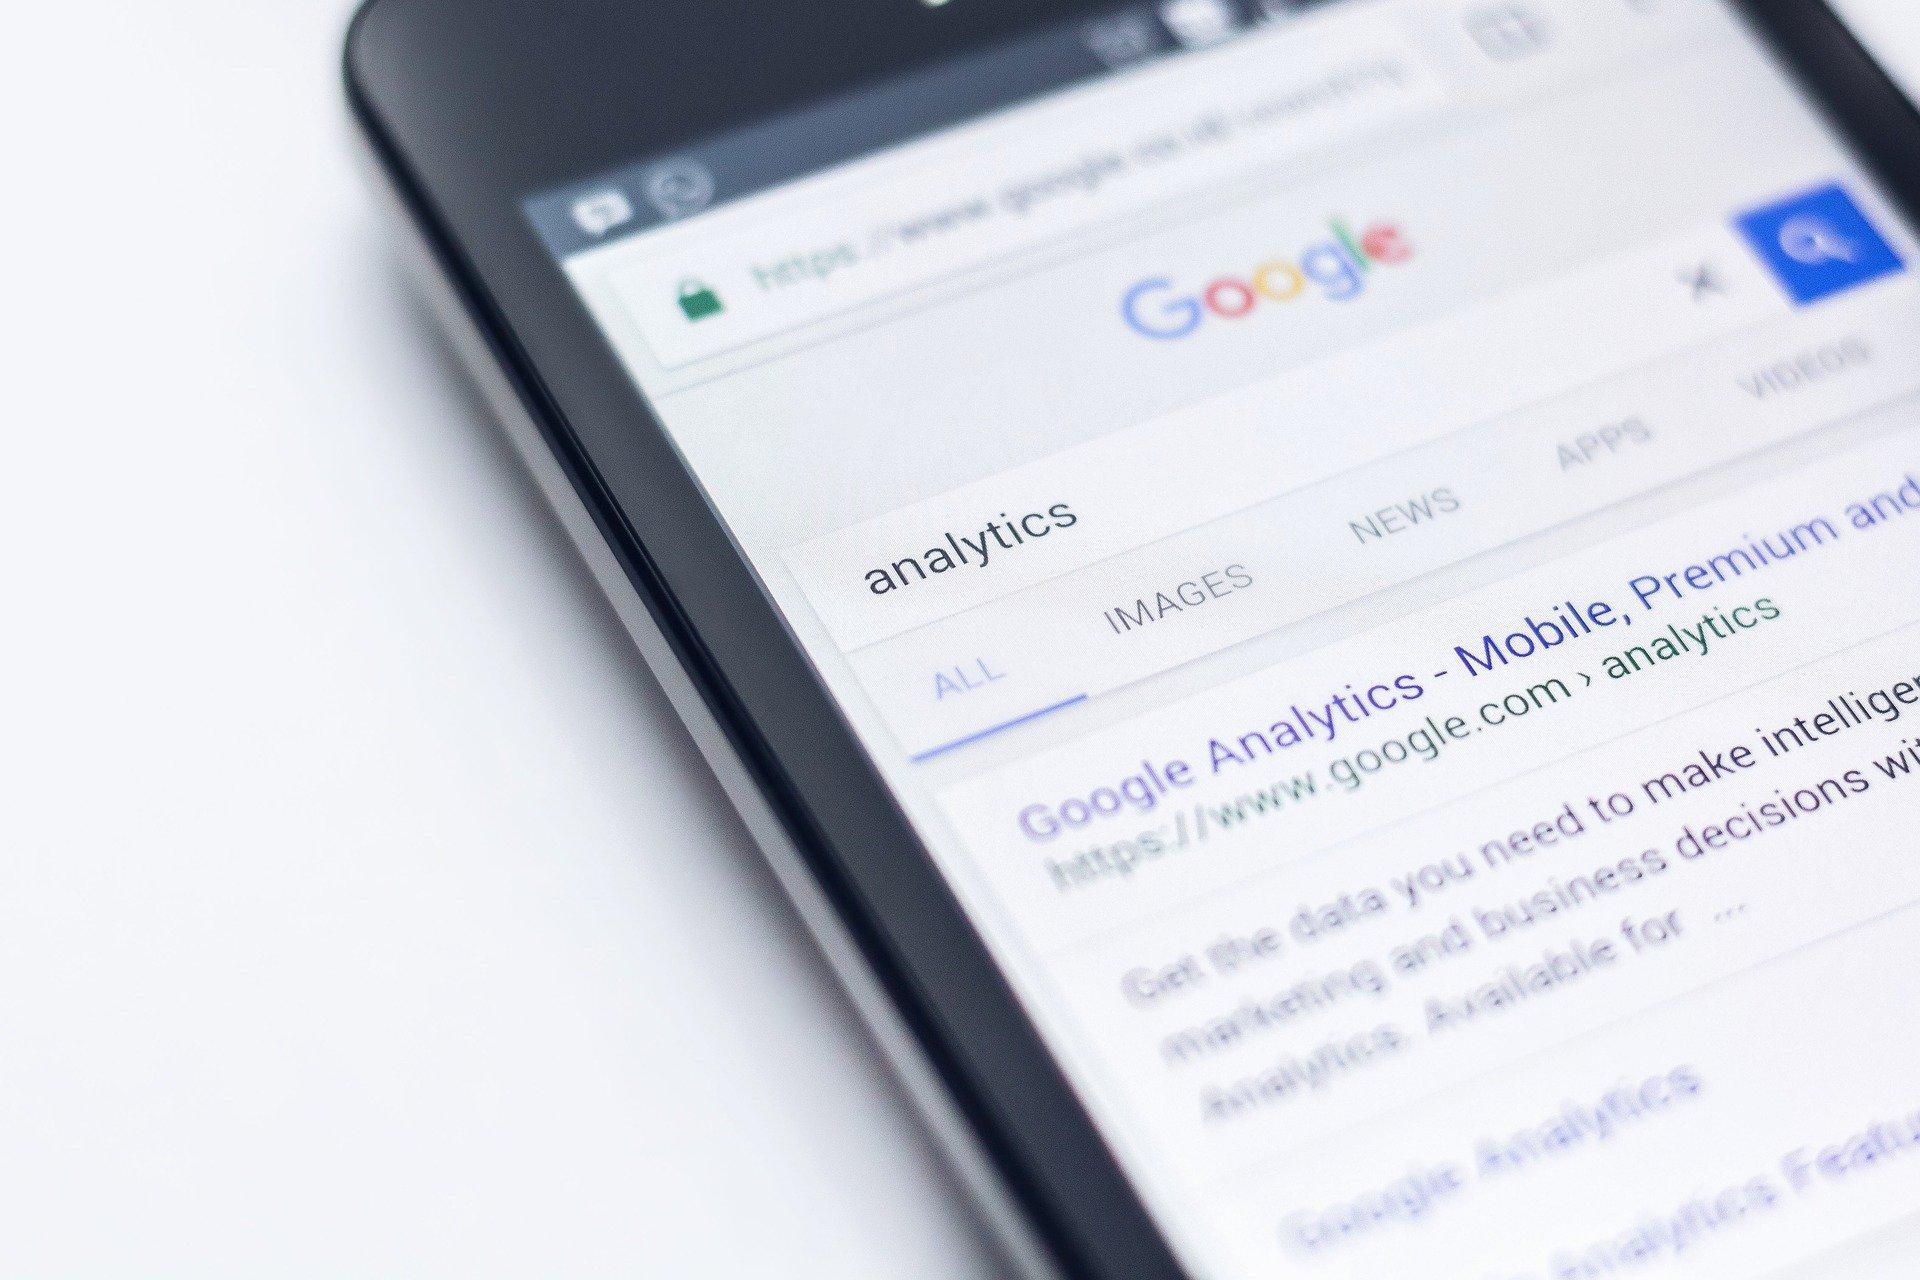 recherche internet sur mobile